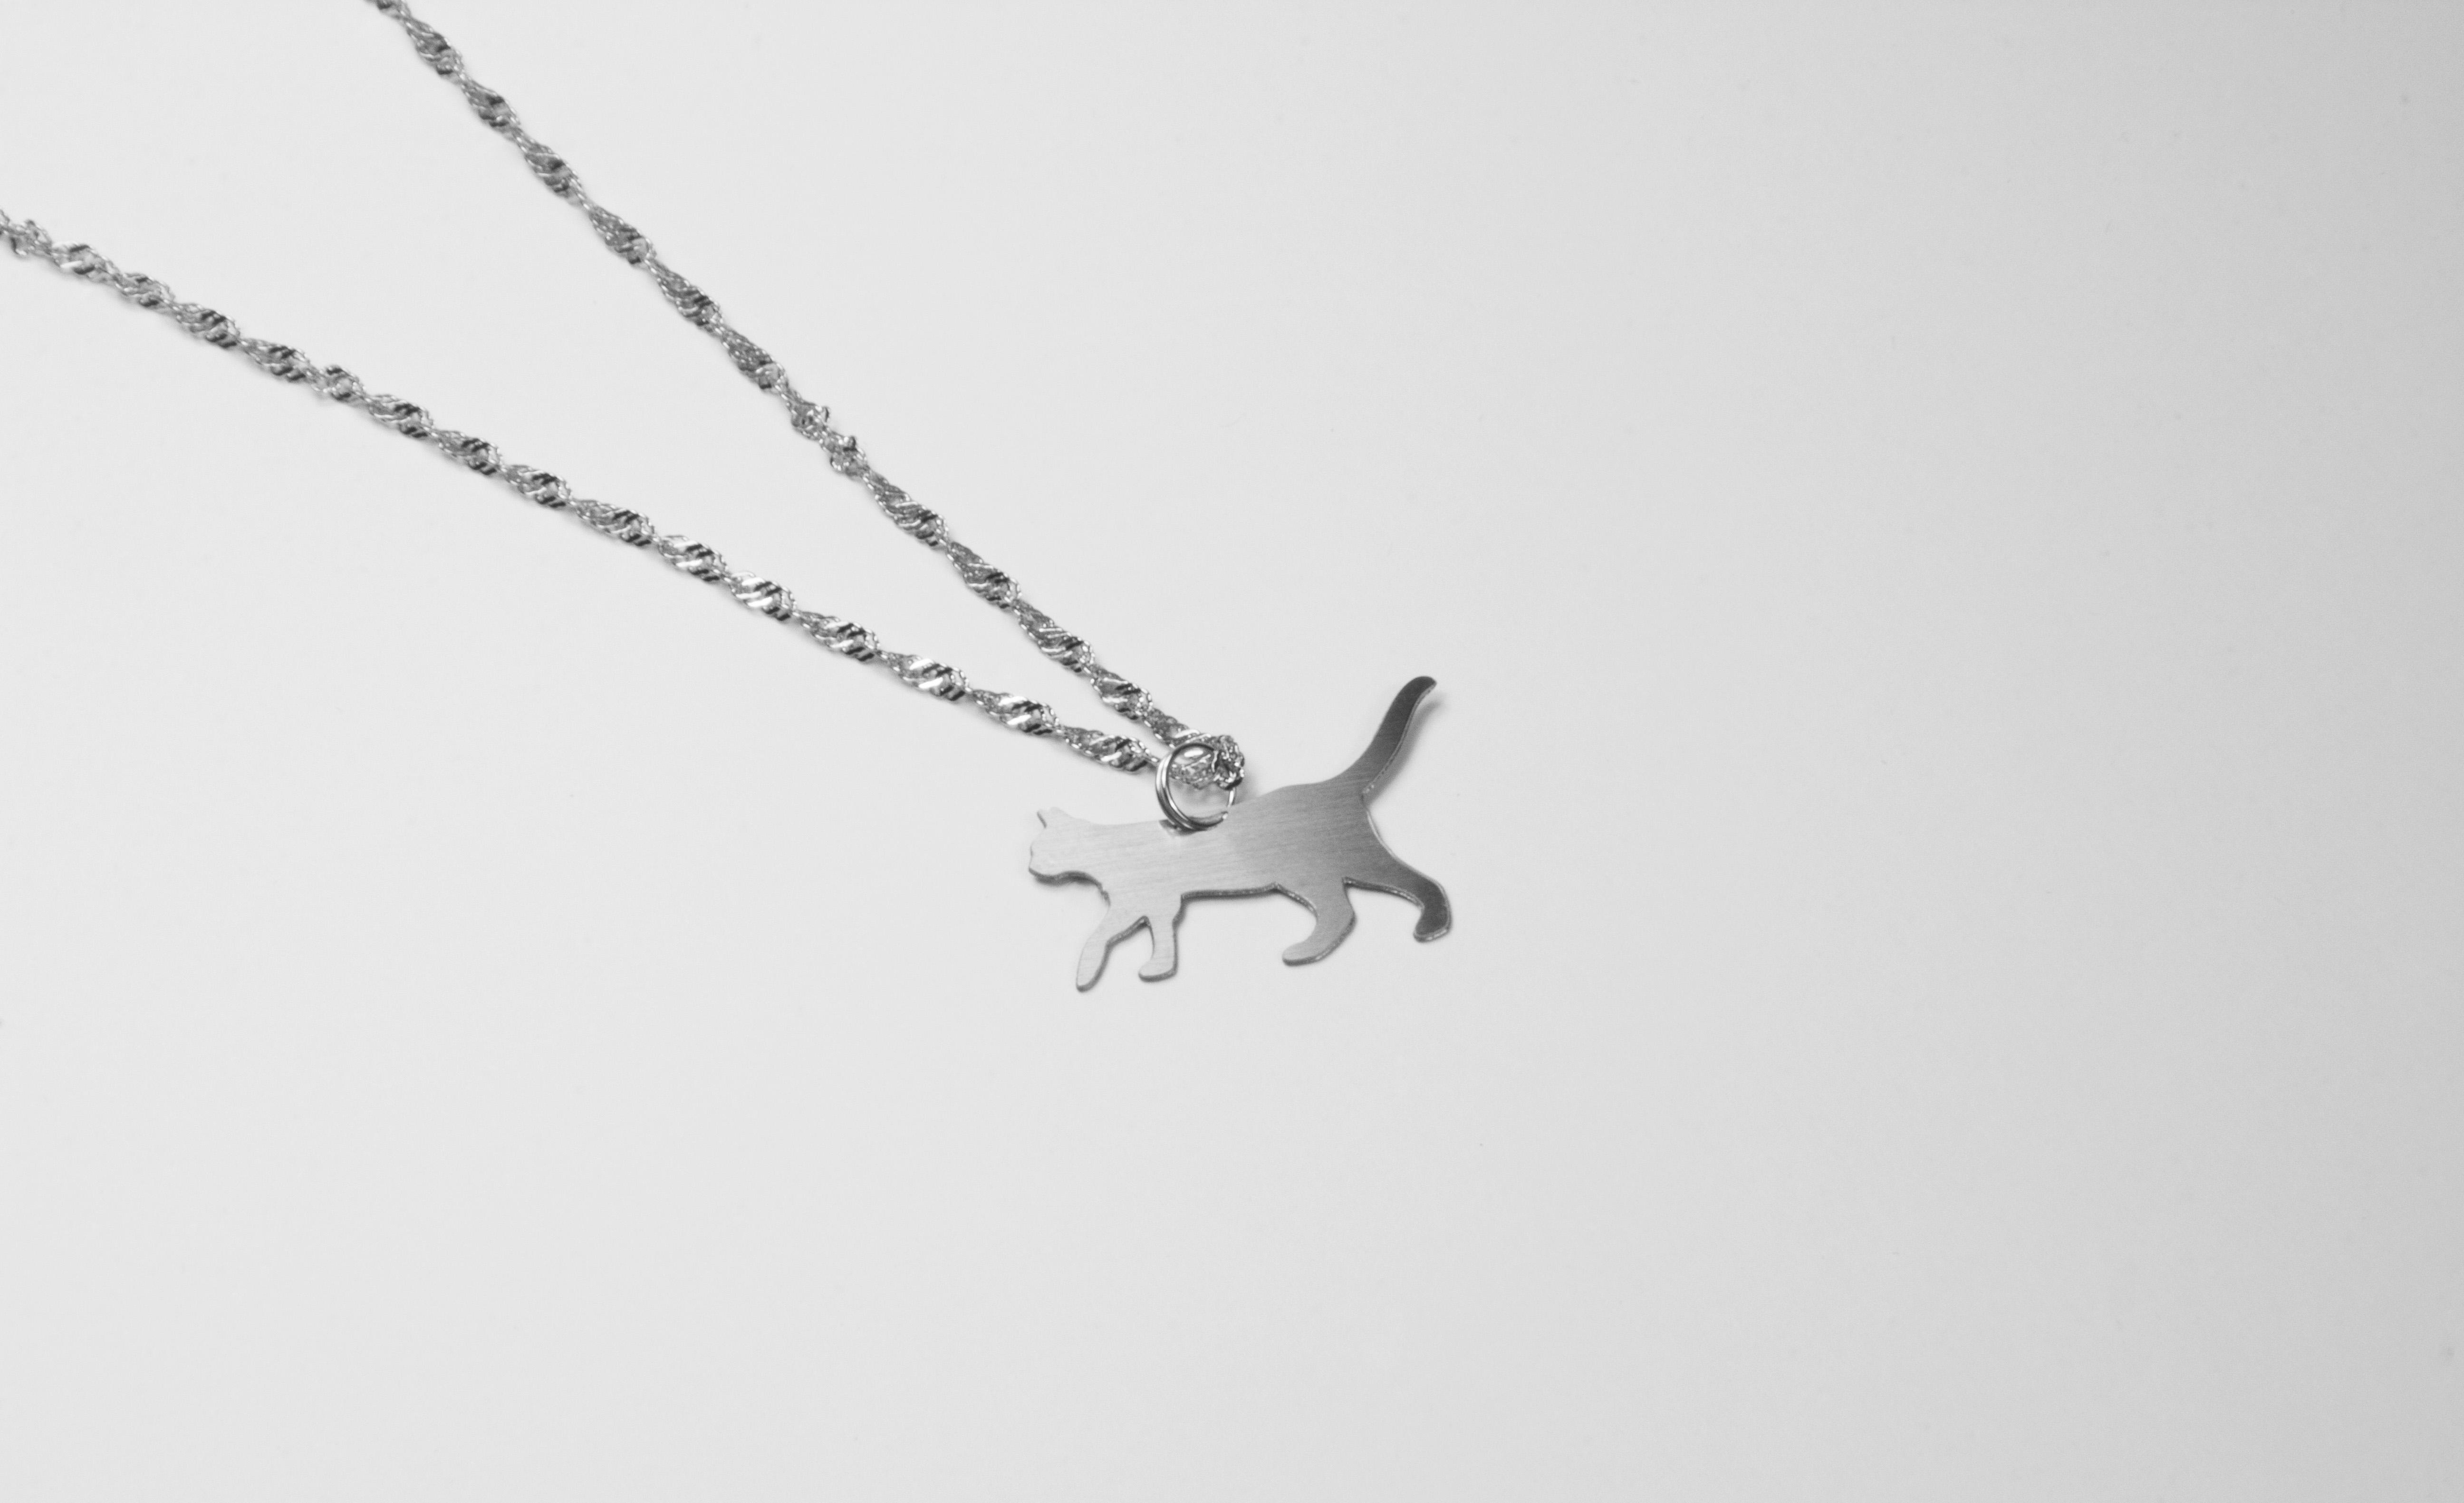 貓咪項鍊【迷你款】_動物系列_造題